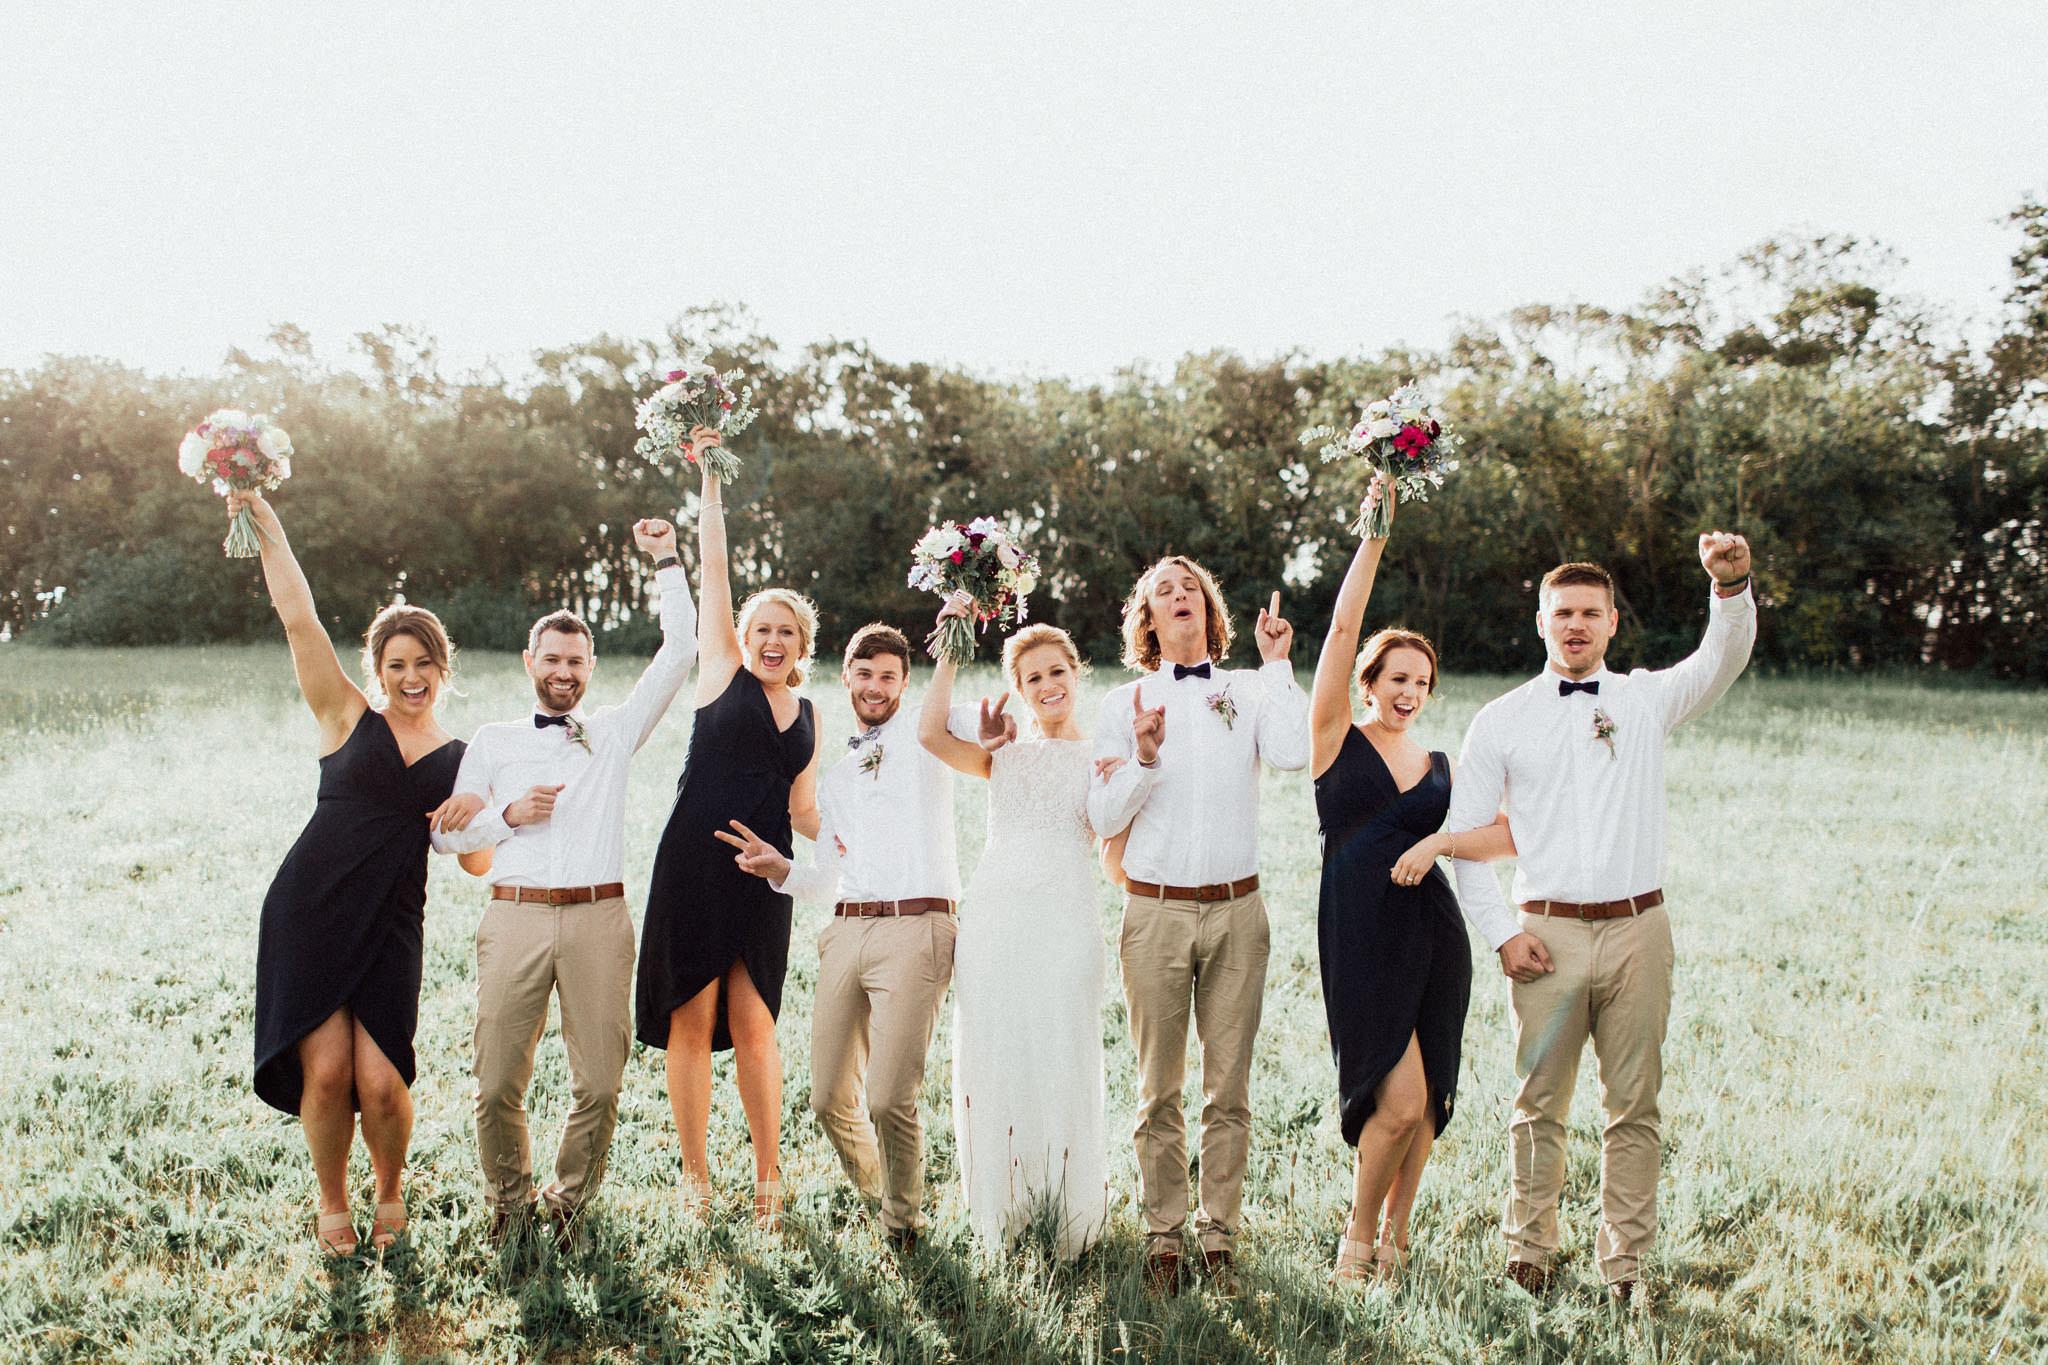 WeddingPhotos_Facebook_2048pixels-1484.jpg